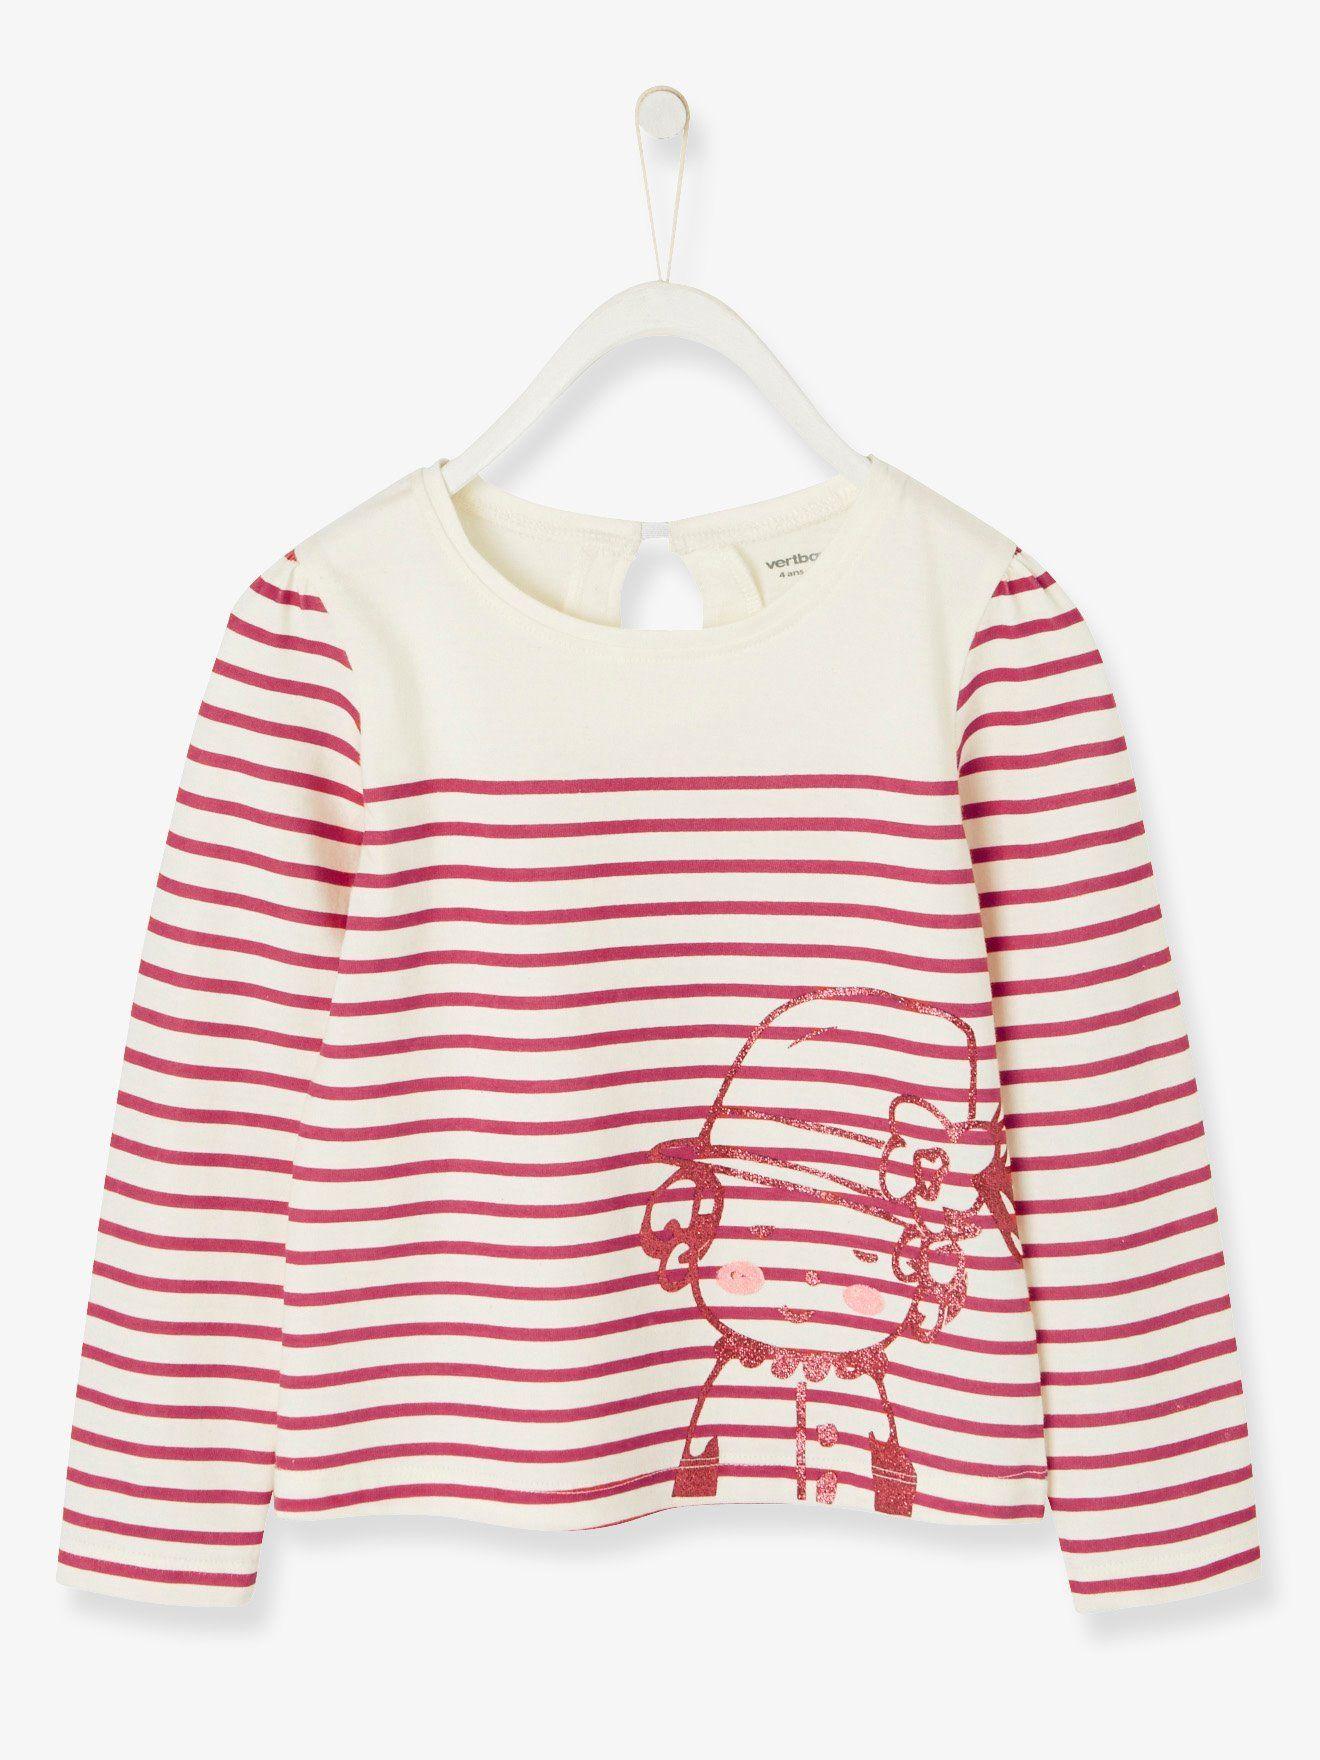 915758c635a5a T-shirt fille esprit marinière en jersey framboise rayé - Rayures et motif  craquant